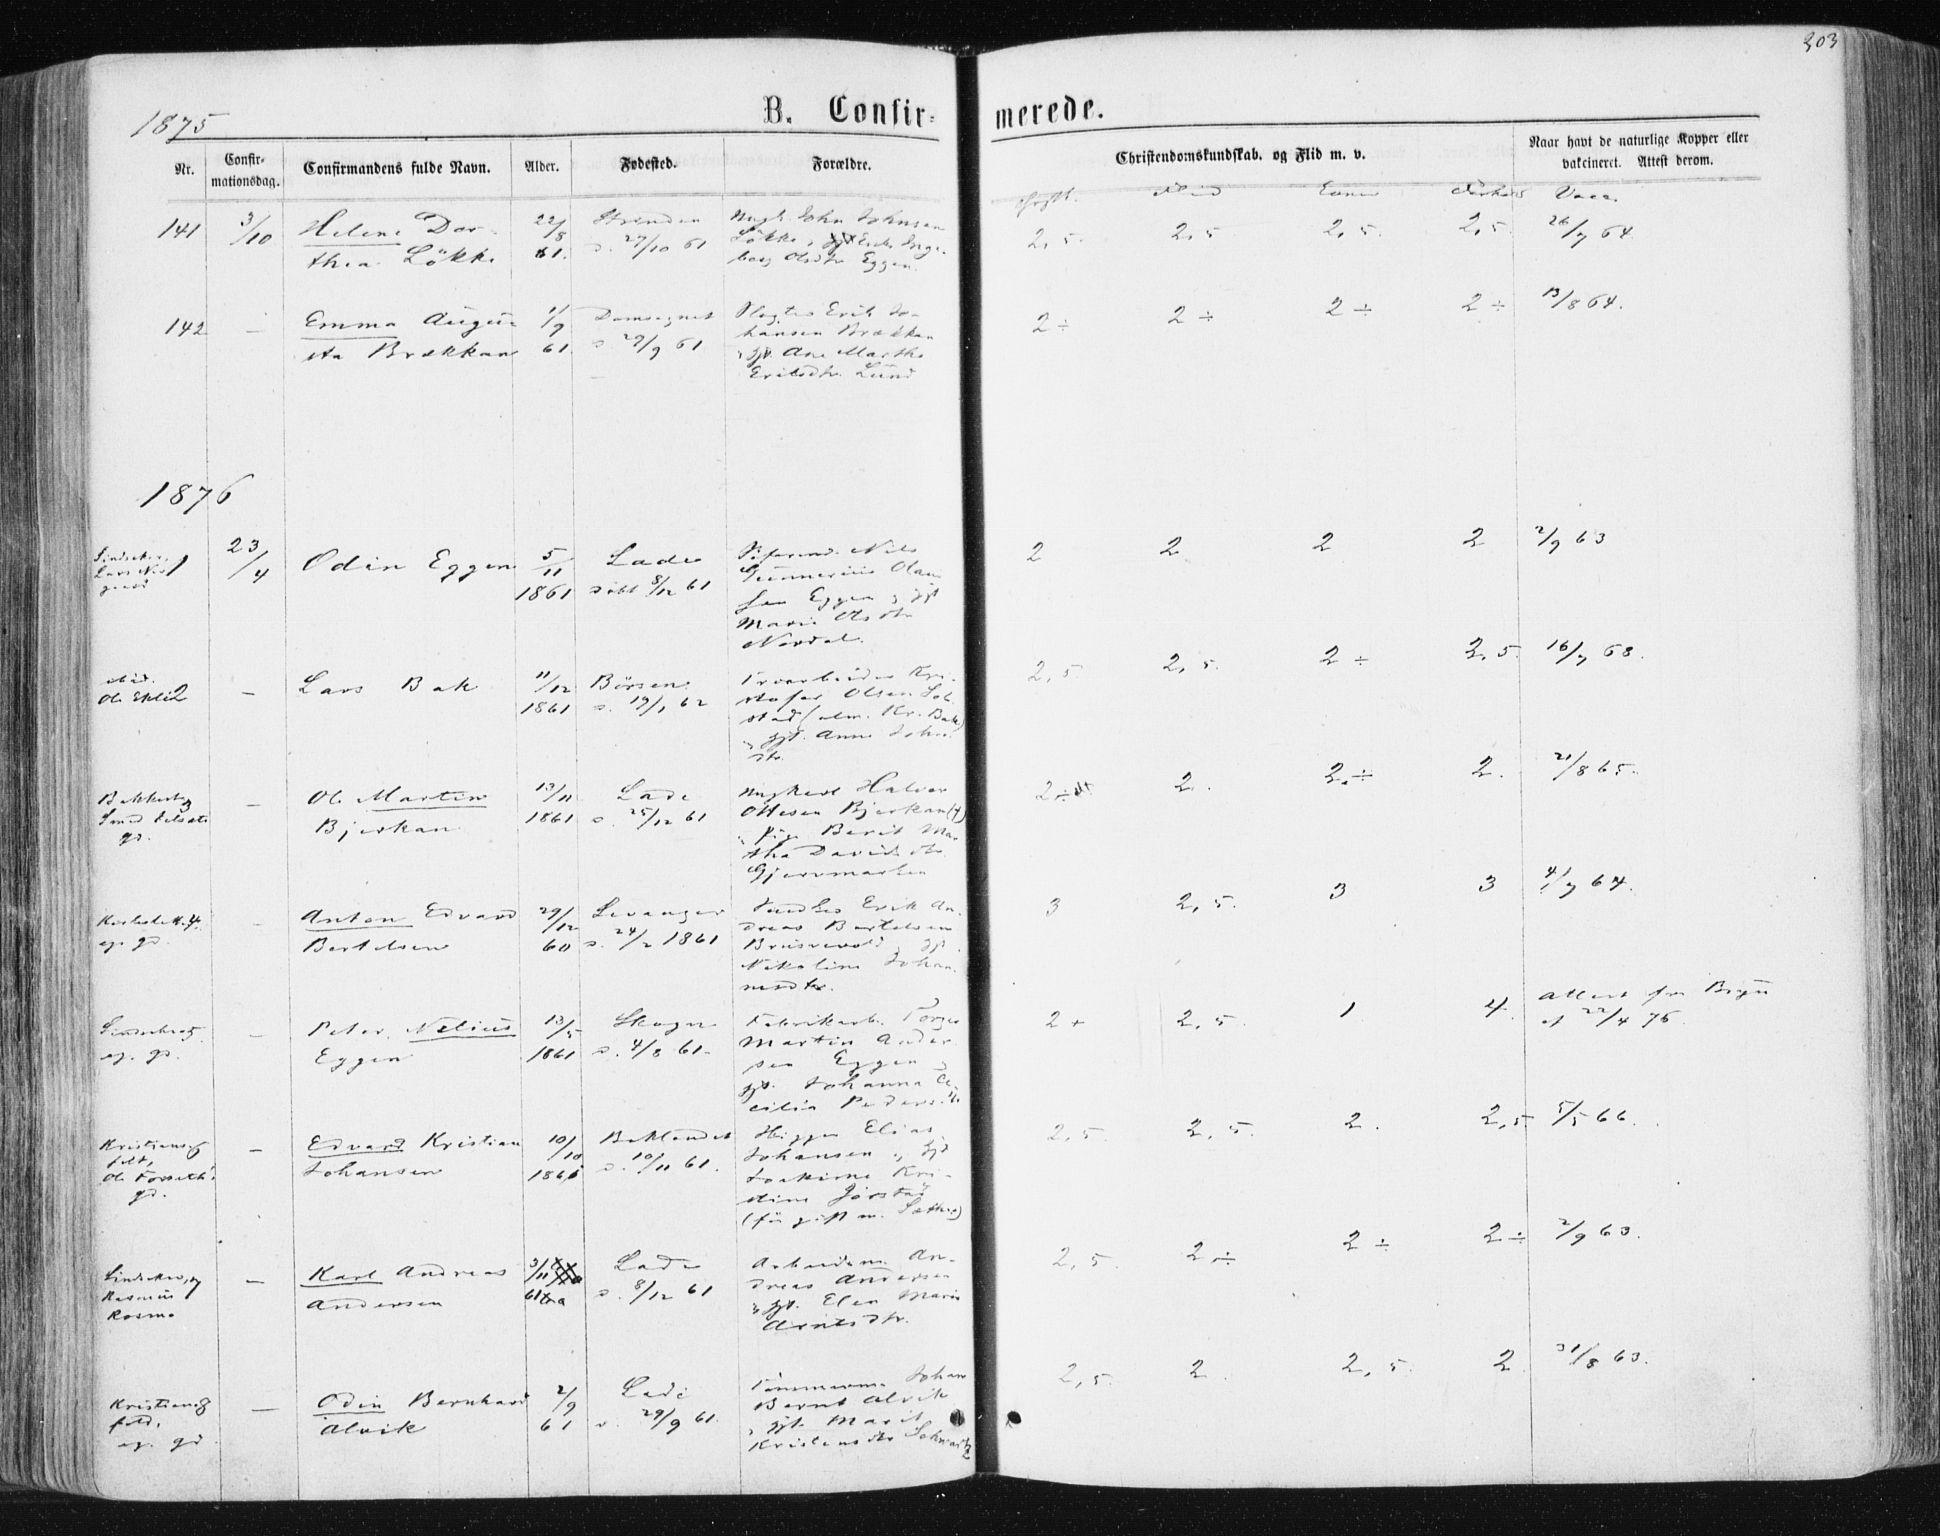 SAT, Ministerialprotokoller, klokkerbøker og fødselsregistre - Sør-Trøndelag, 604/L0186: Ministerialbok nr. 604A07, 1866-1877, s. 303